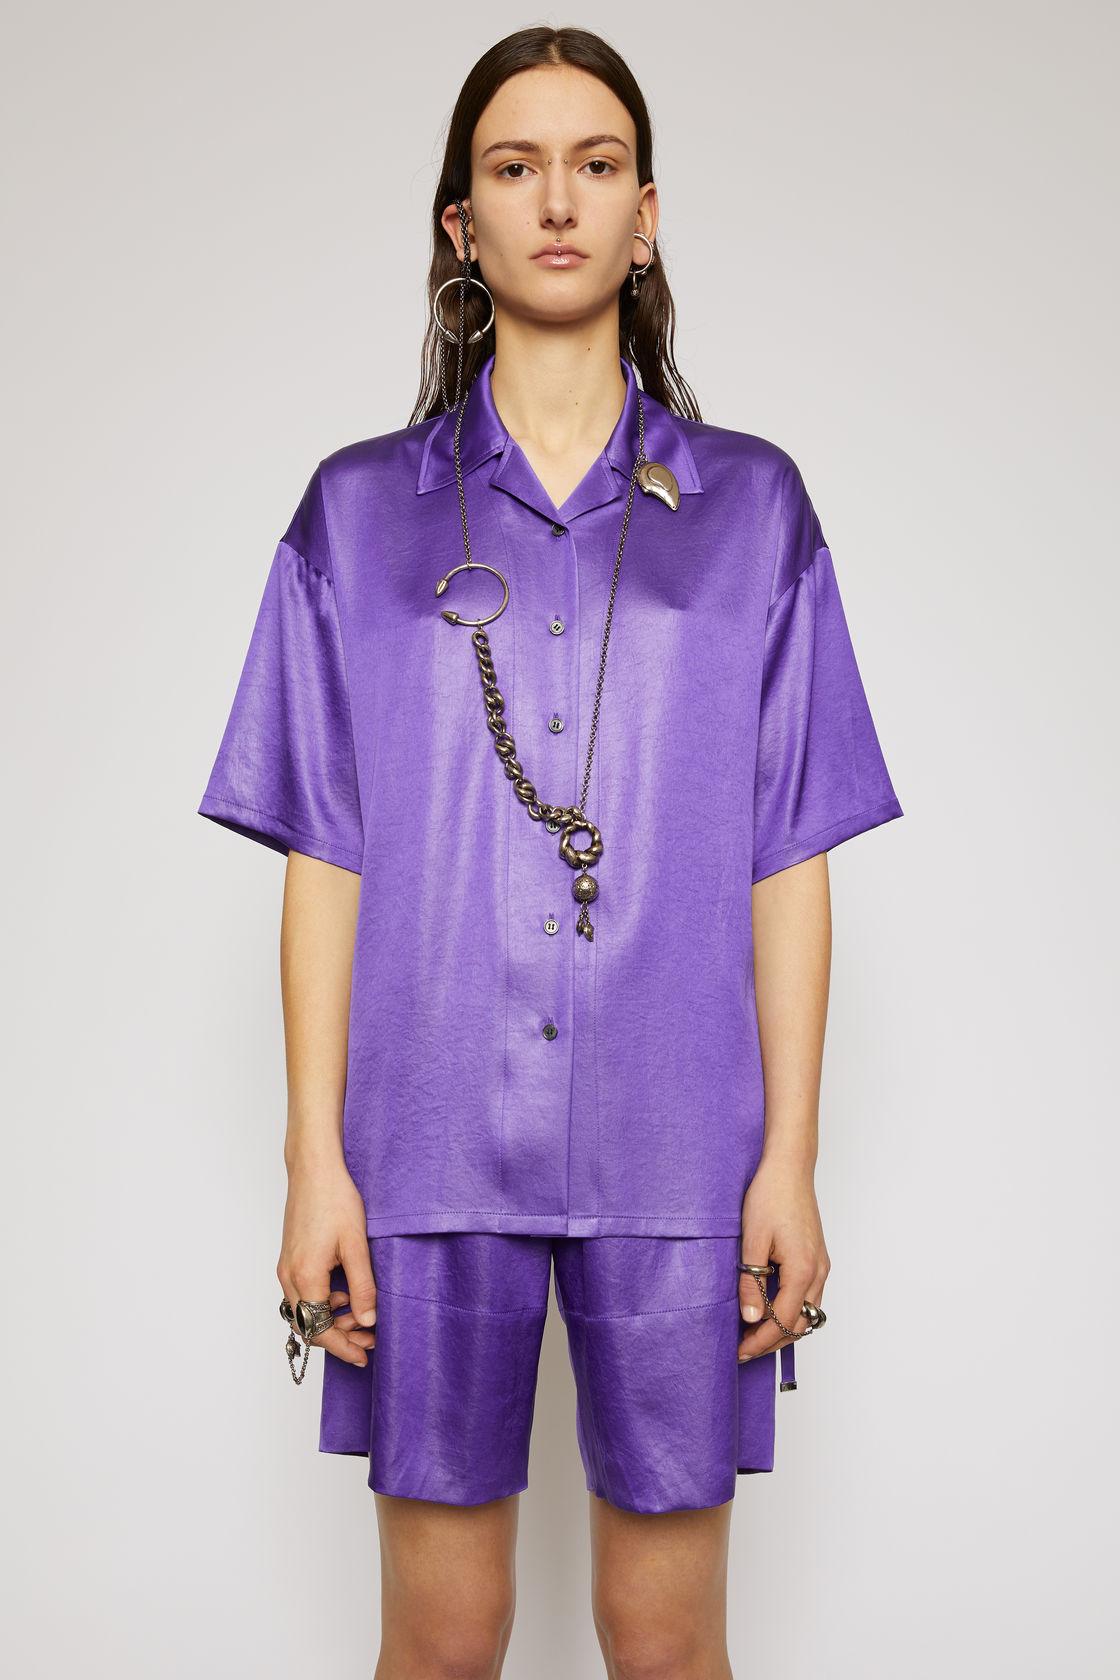 Satin bowling shirt electric purple, за 630лв.